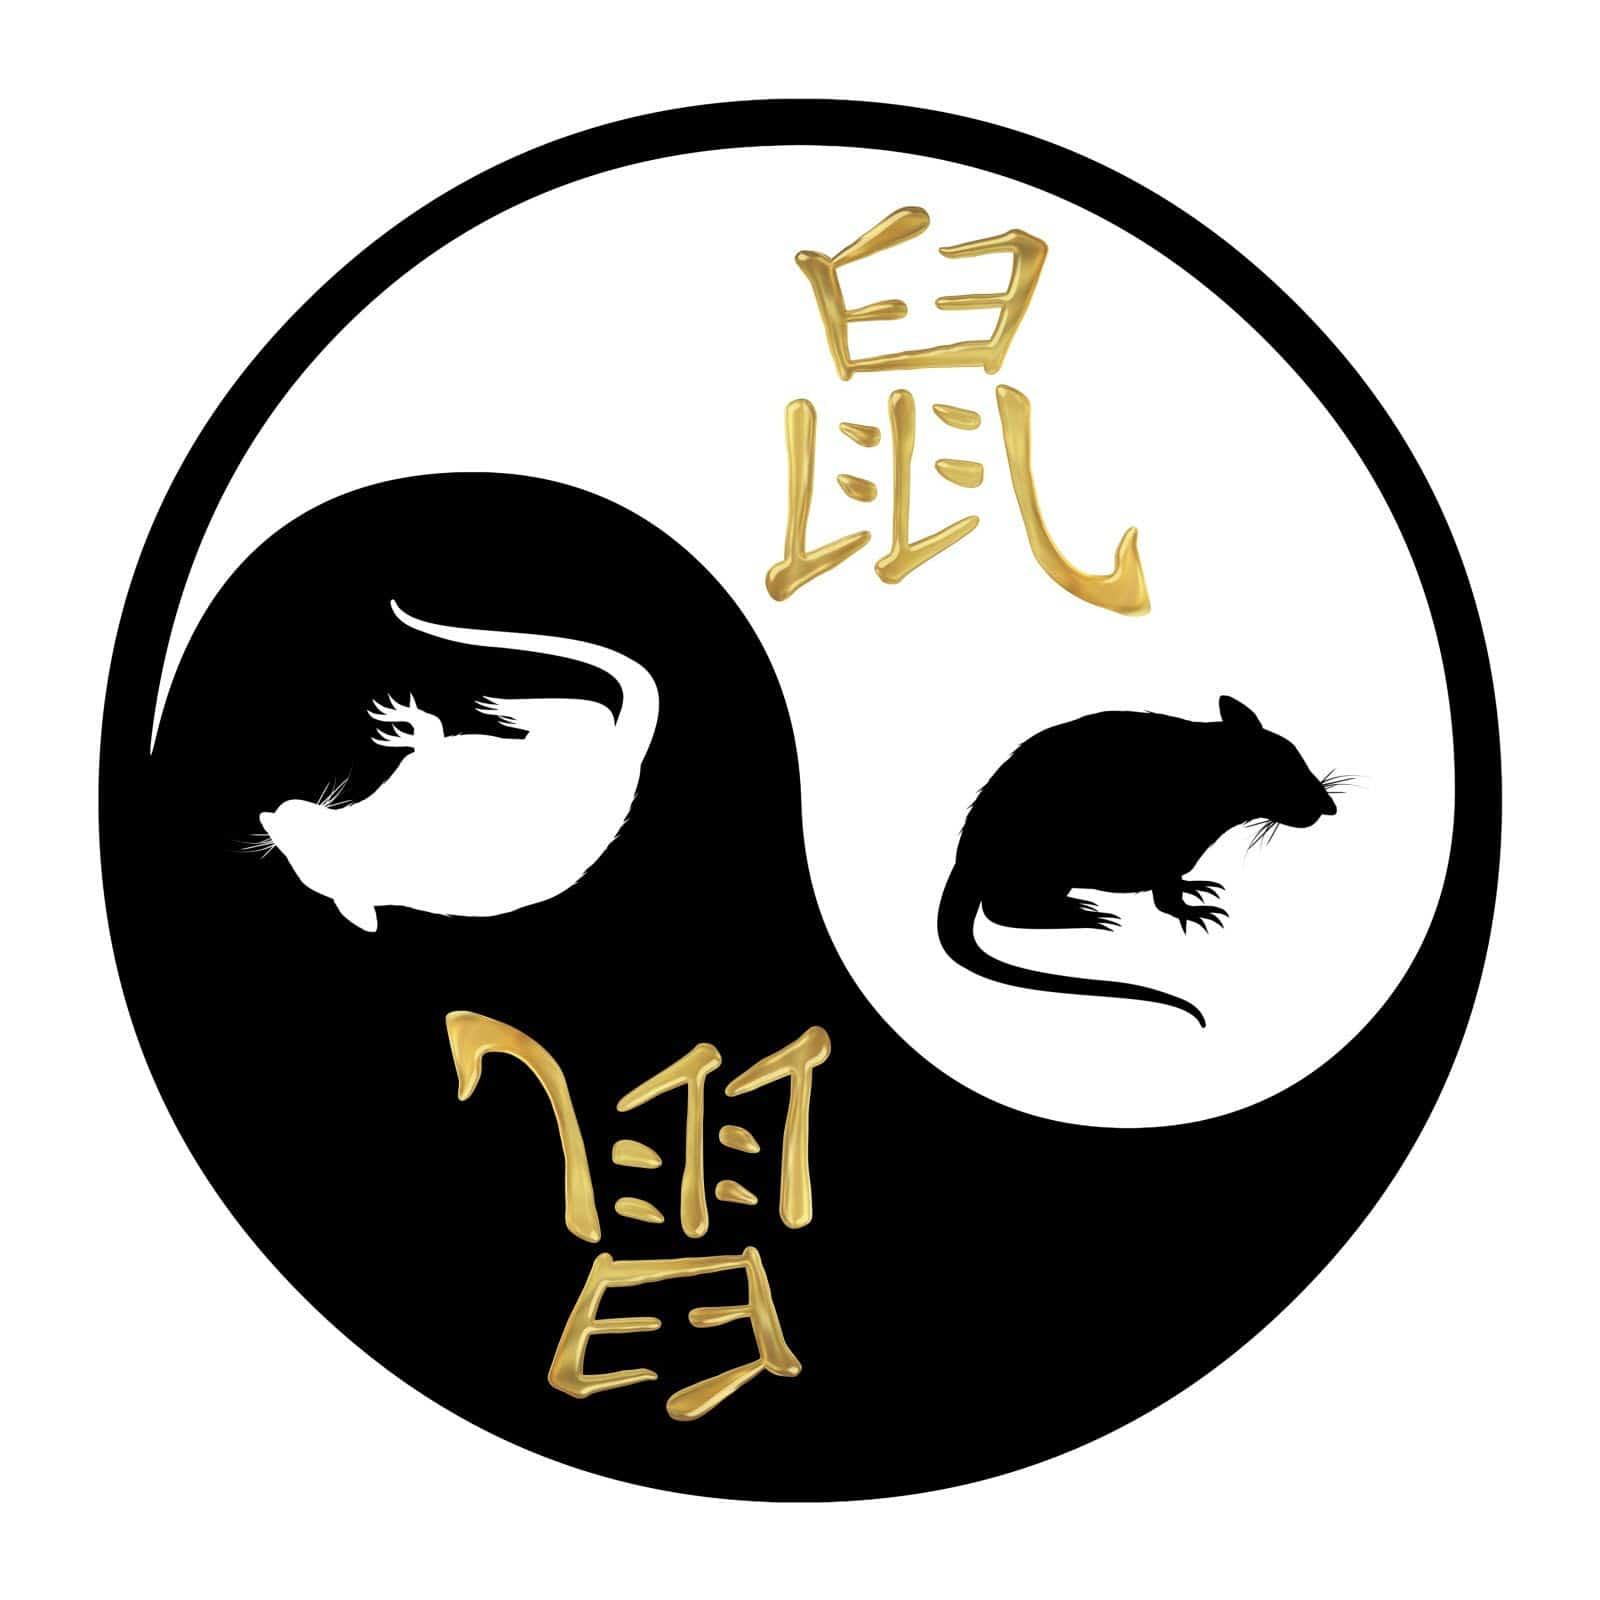 rat-metal-2020-yin-yang